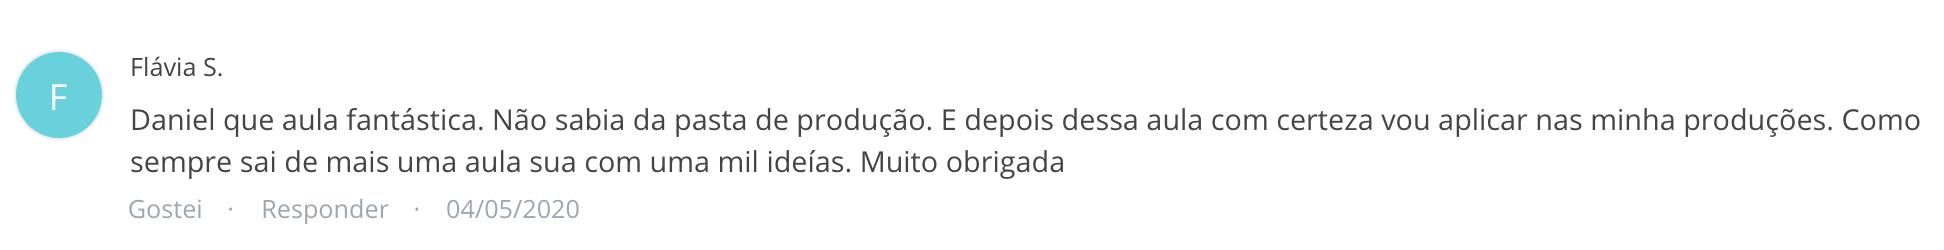 Captura_de_Tela_2020-05-25_às_17.43